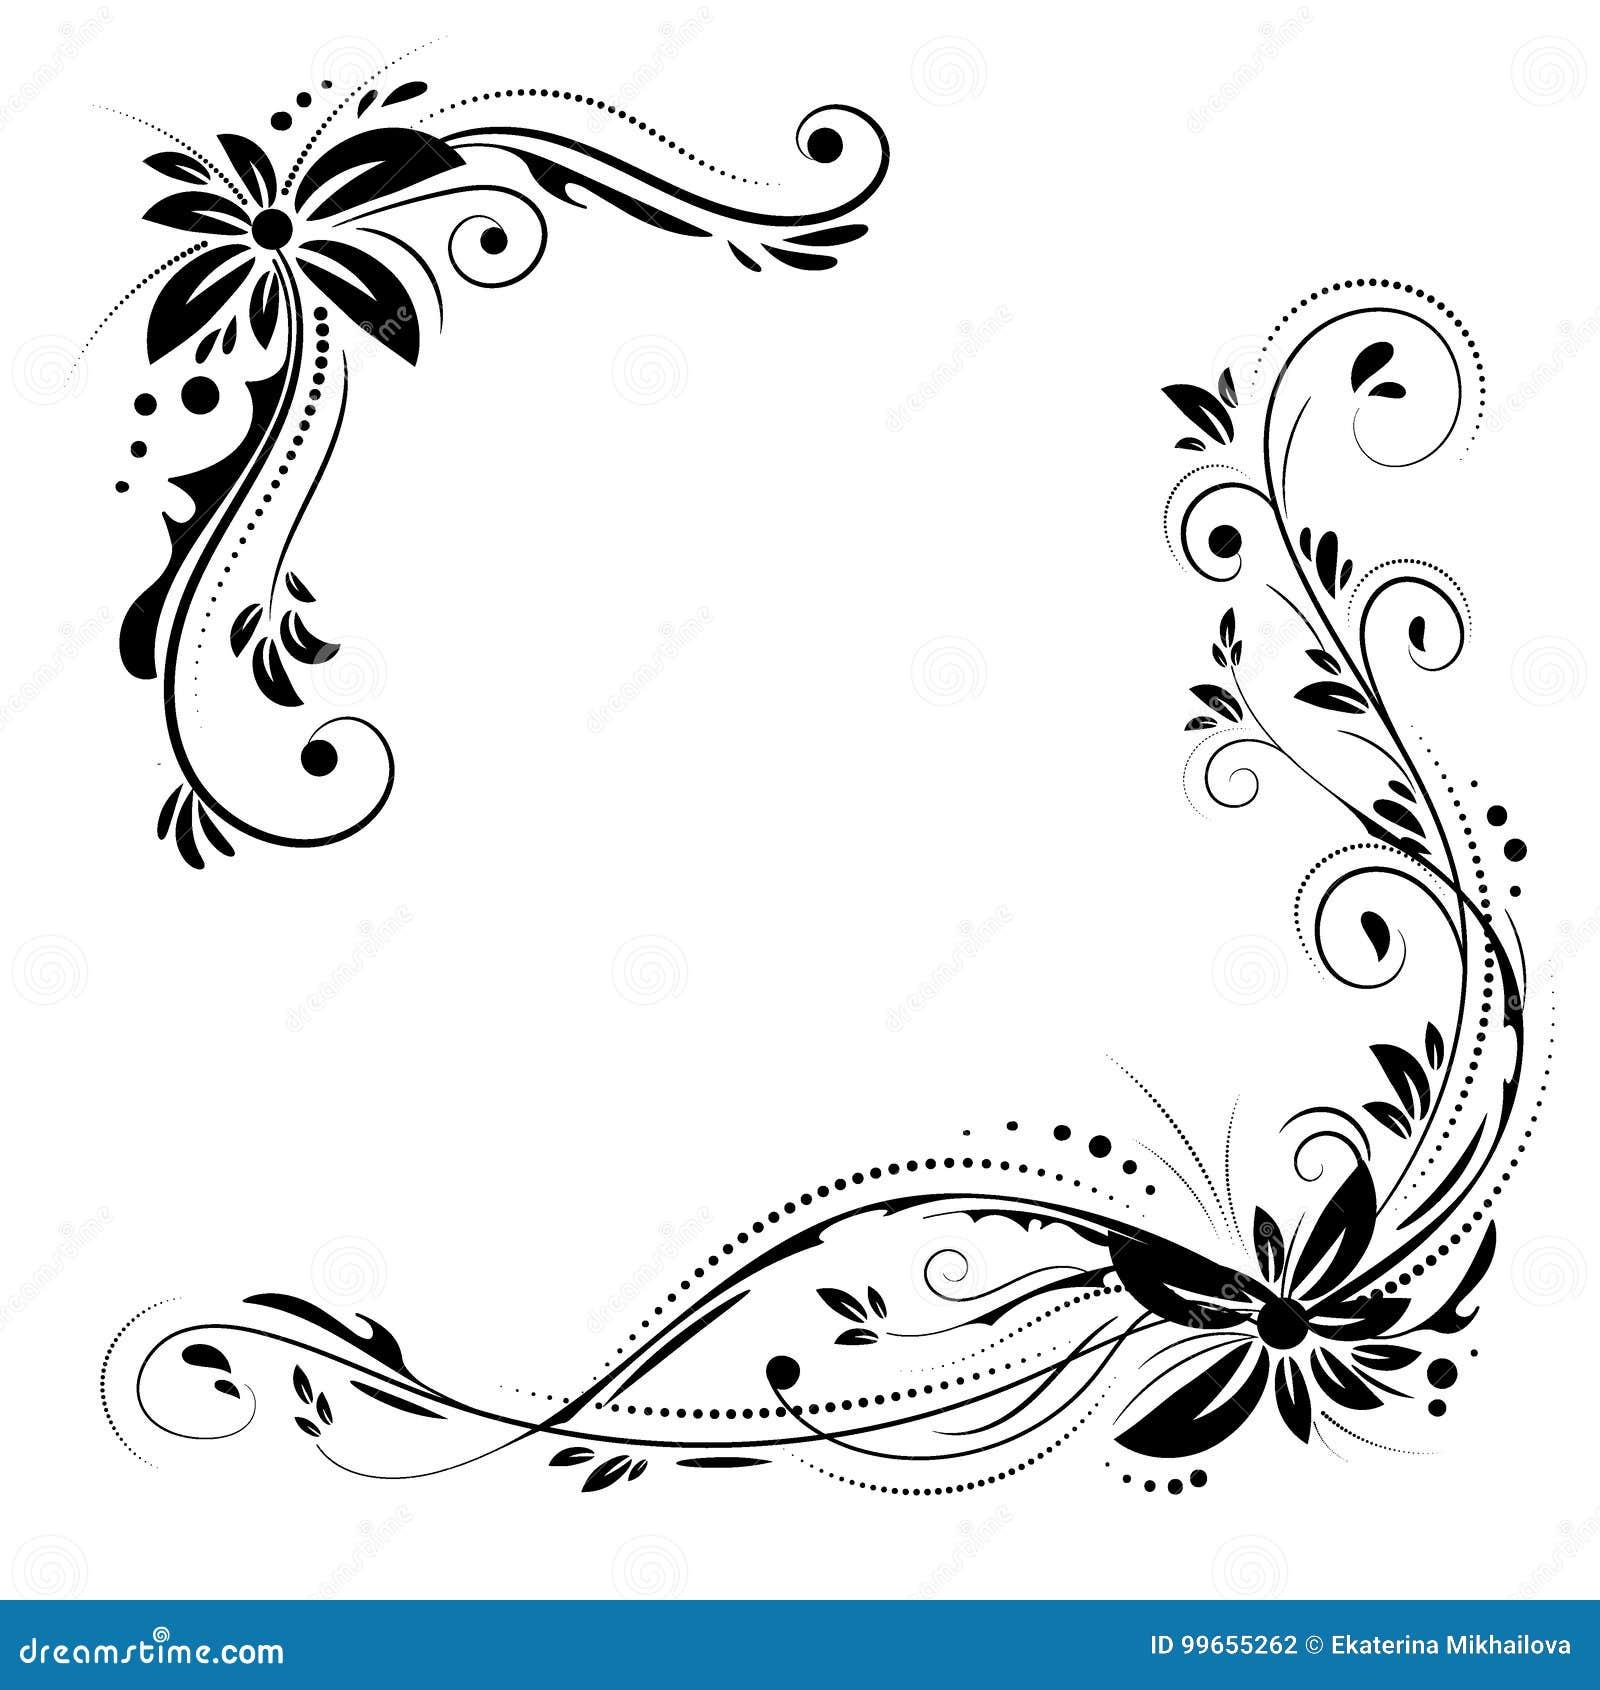 Diseno De La Esquina Floral Flores Negras Del Ornamento En El Fondo